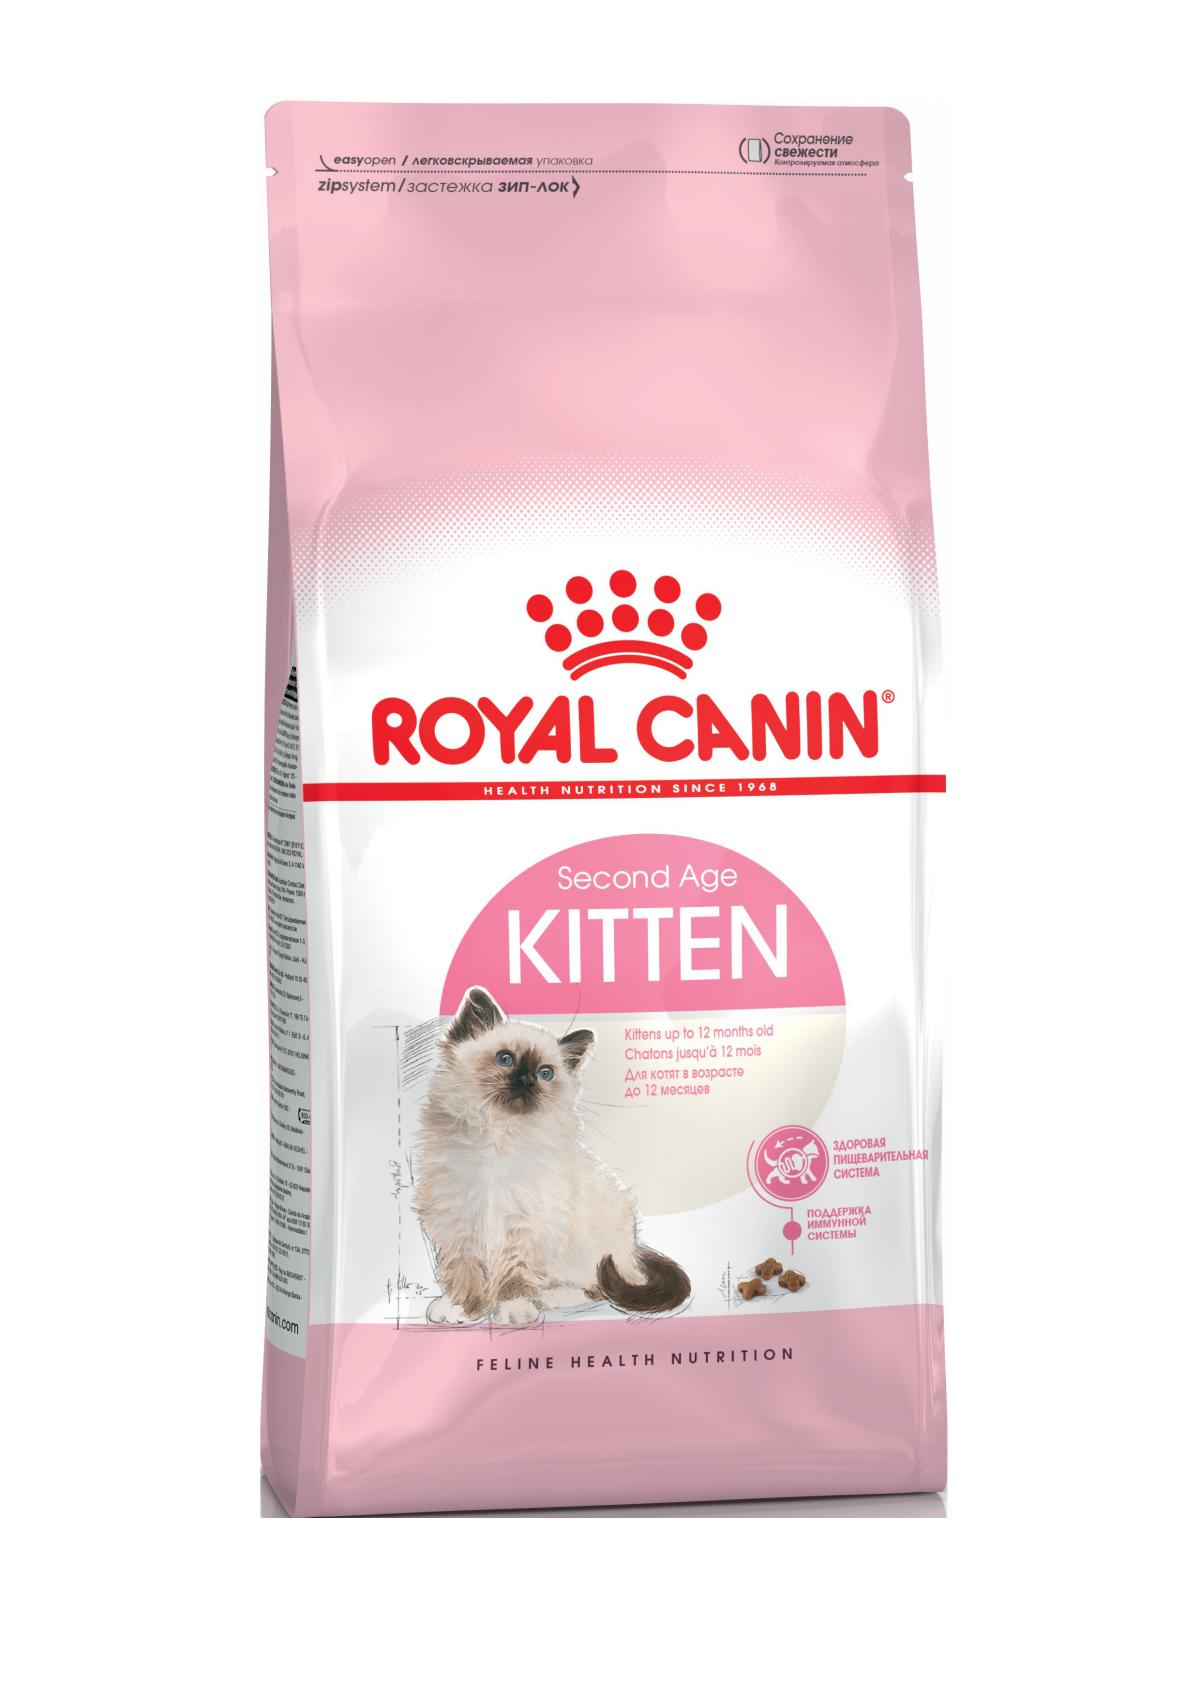 Сухой корм Корм для котят до 12 месяцев, Royal Canin Kitten 4627166861571_1.png